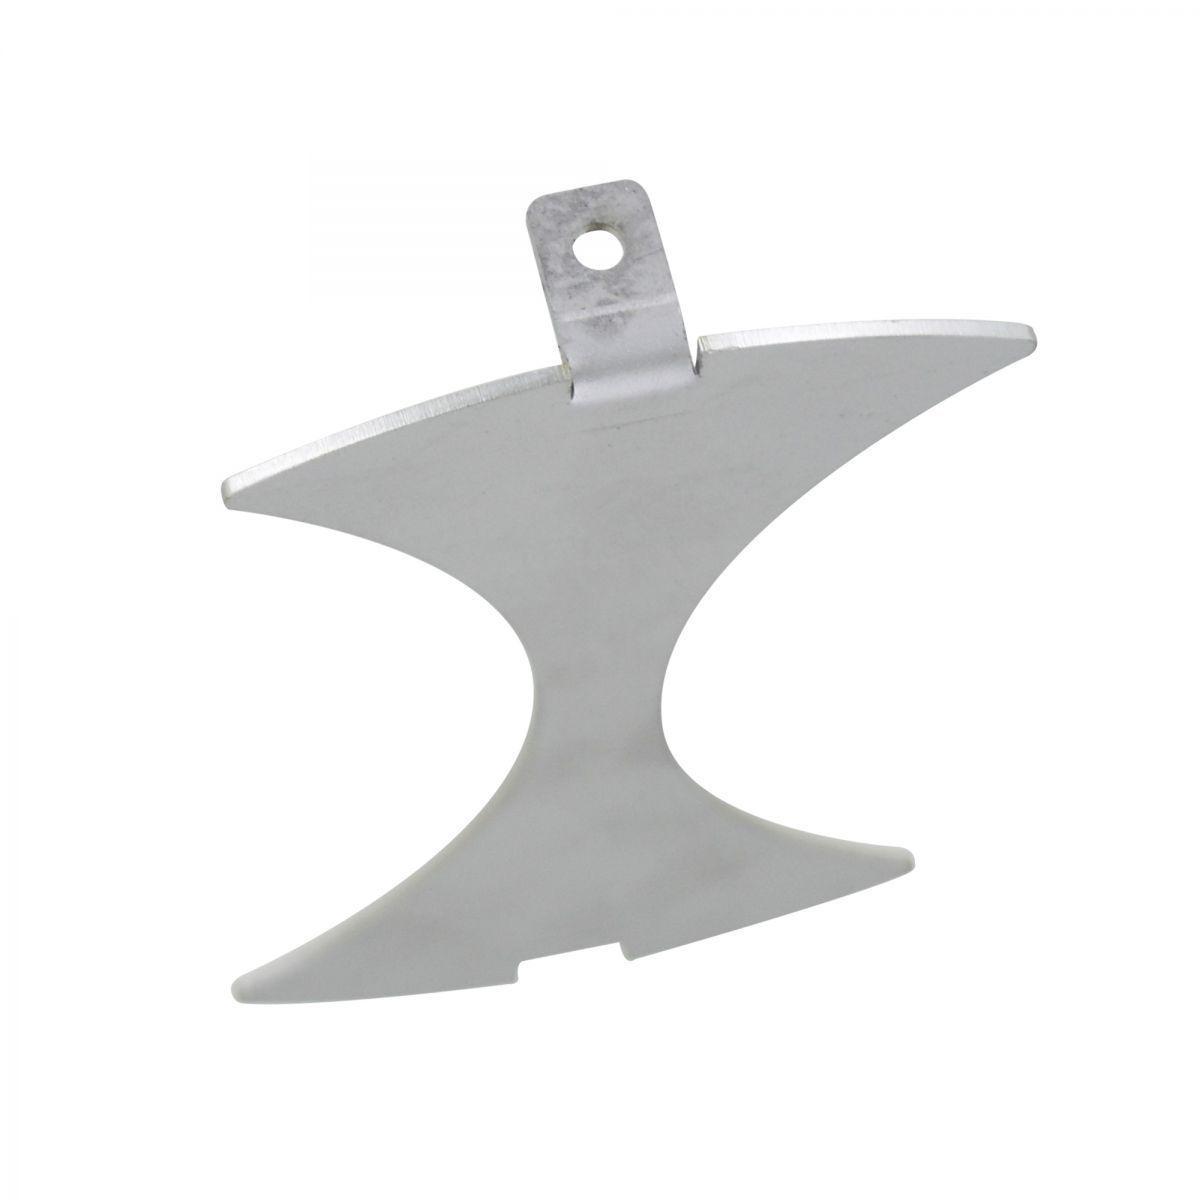 plaque de recouvrement 15 mm aisi304 2 aliments pour pipefeeder dump